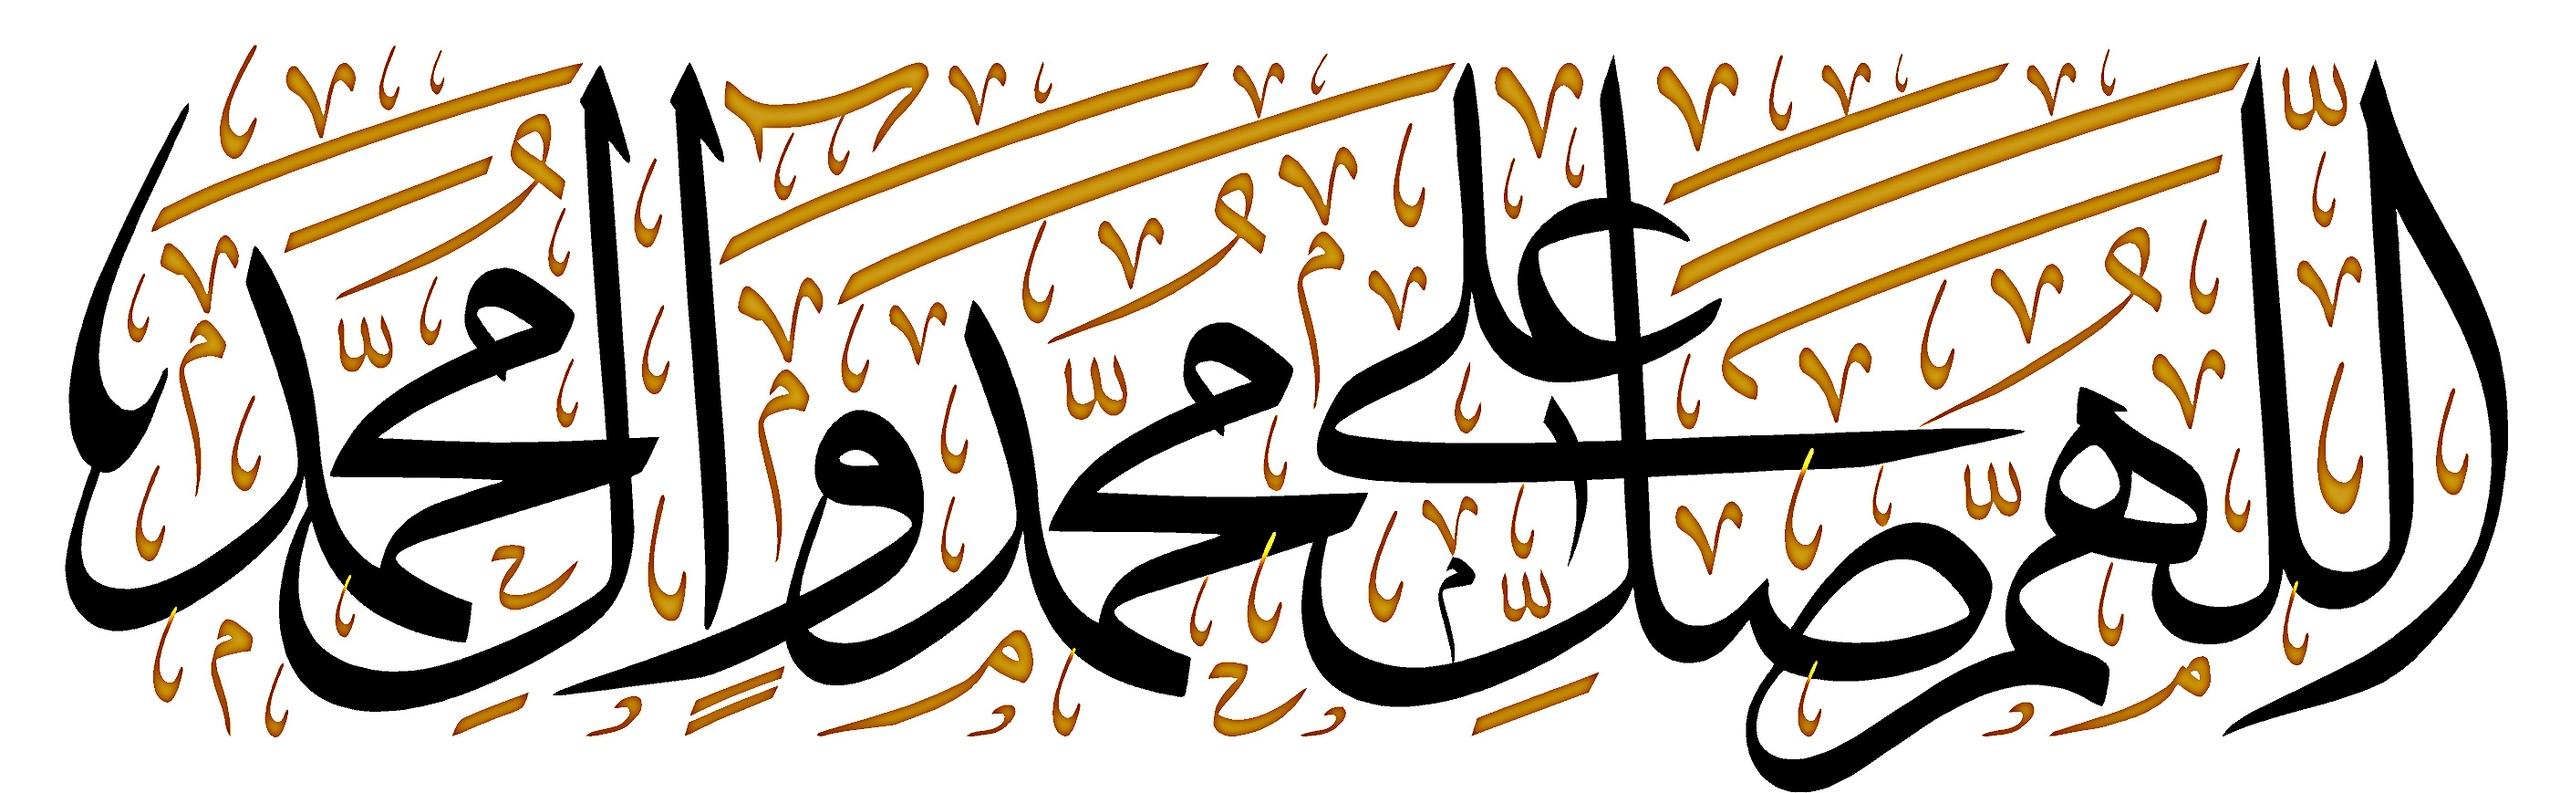 اللهم صل وسلم على سيدنا محمد وعلى اله وصحبه اجمعين DXF File